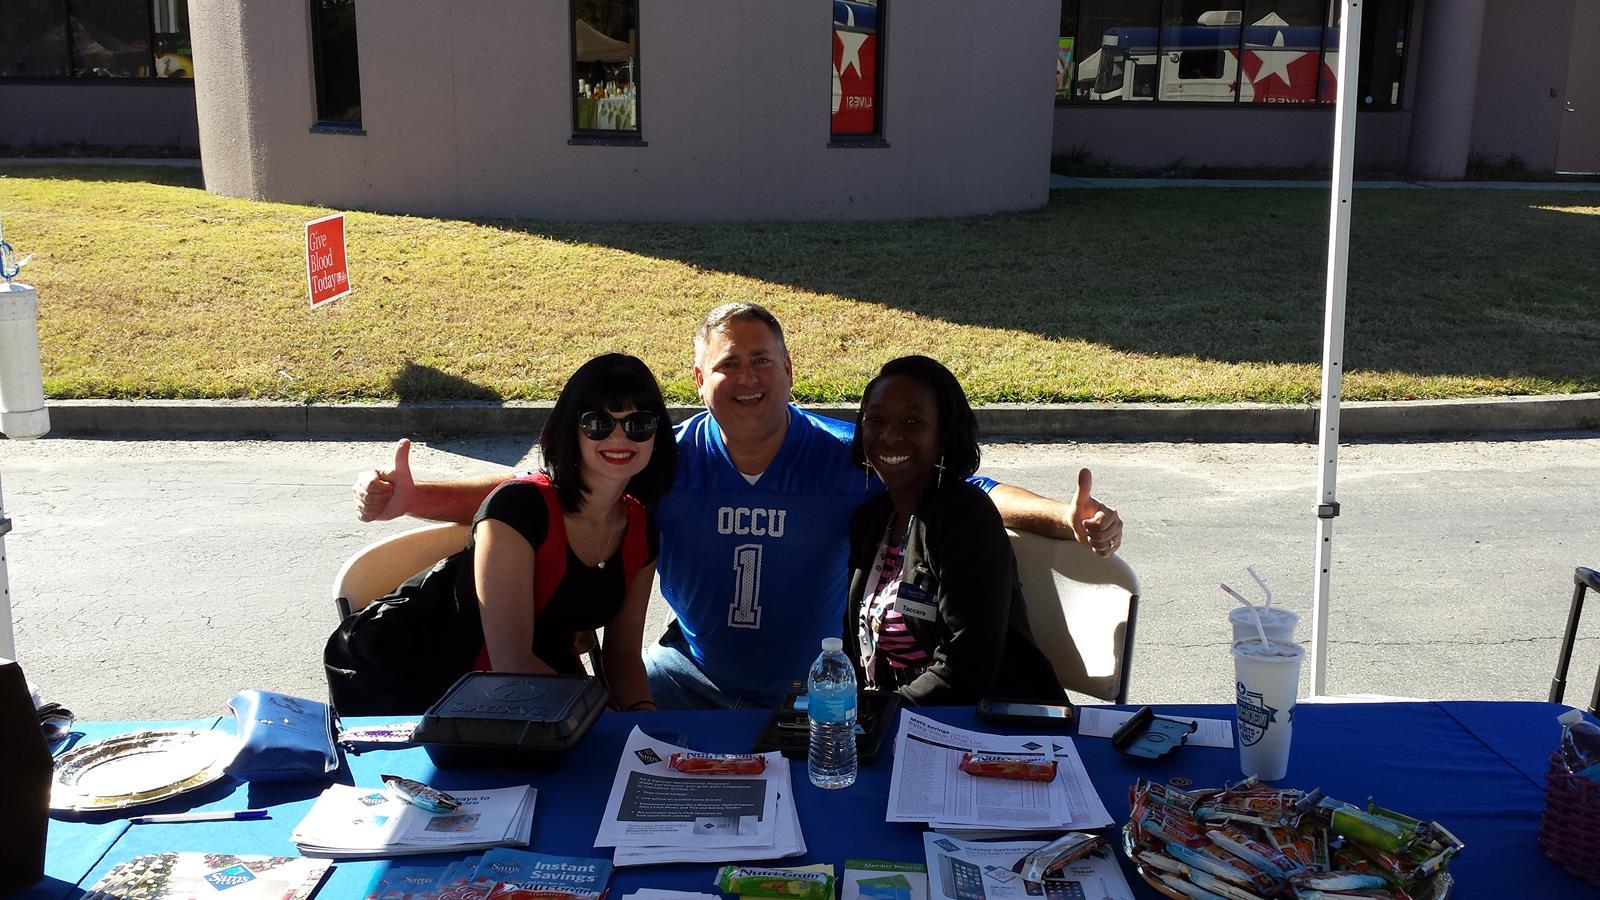 11-07-2014 City_of_Ocala_Health Fair